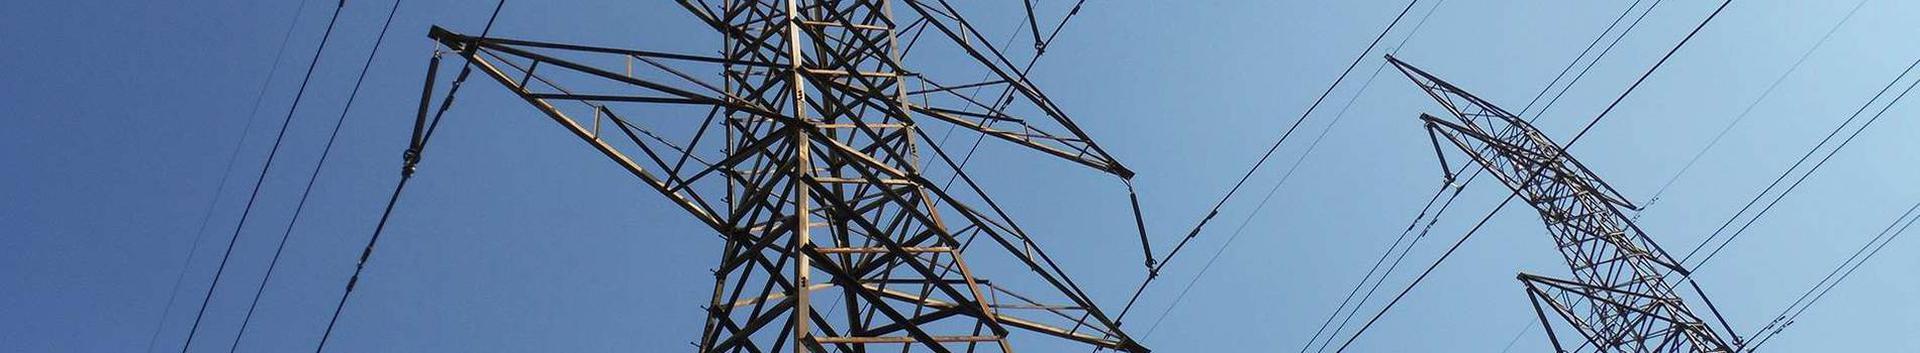 42221_elektri-ja-sidevorkude-ehitus_34001375_xl.jpg